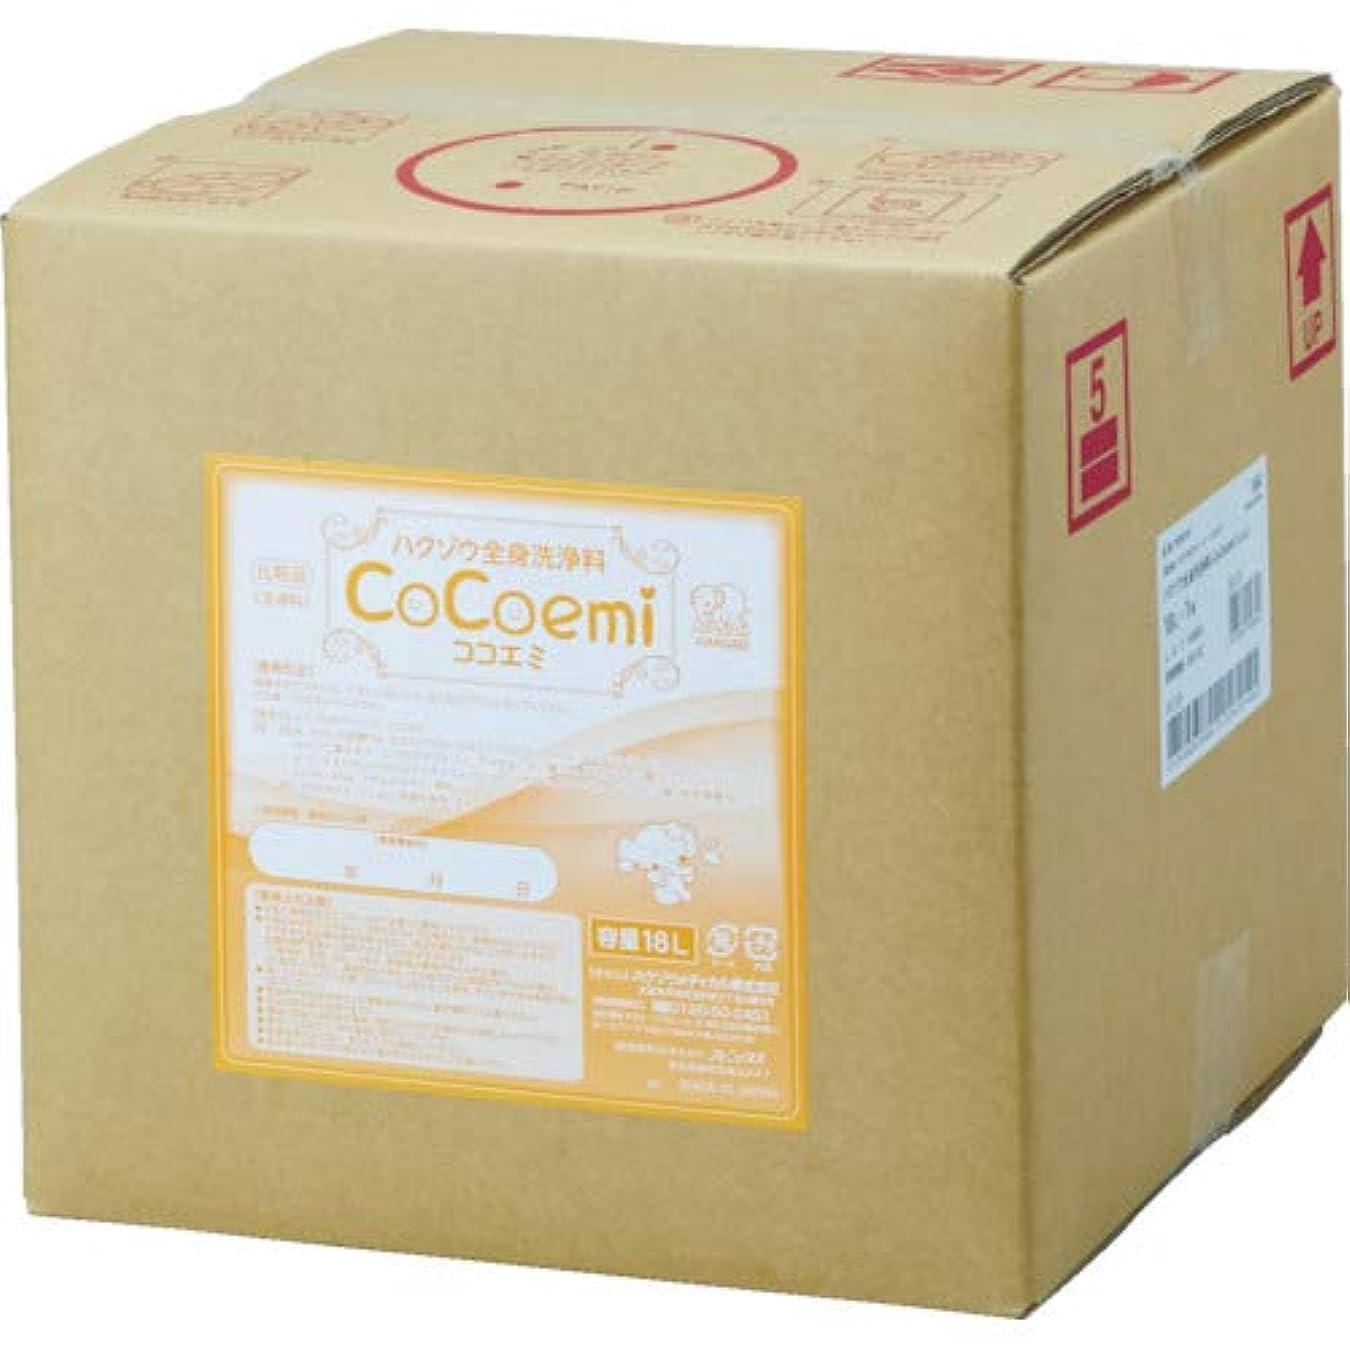 移行バラバラにする砲撃ハクゾウメディカル ハクゾウ全身洗浄料CoCoemi(ココエミ) 18L 3009018